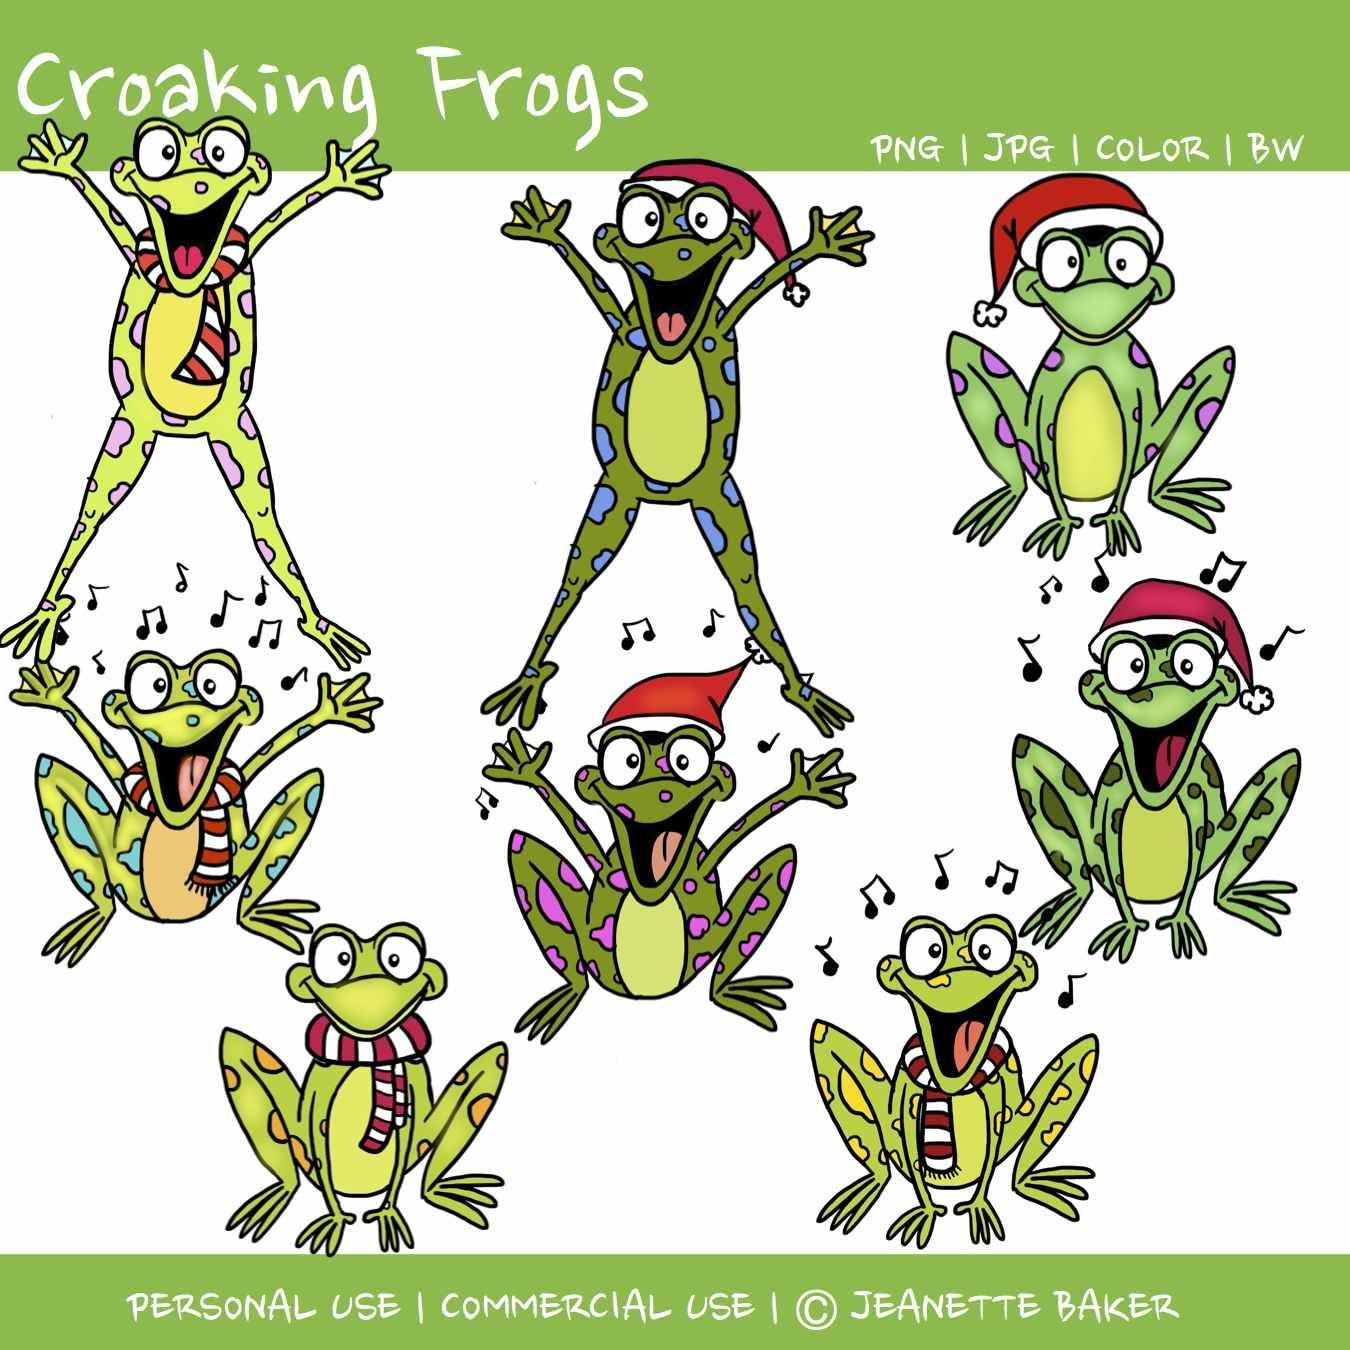 2 croaking frogs by jeanette baker [ 1350 x 1350 Pixel ]